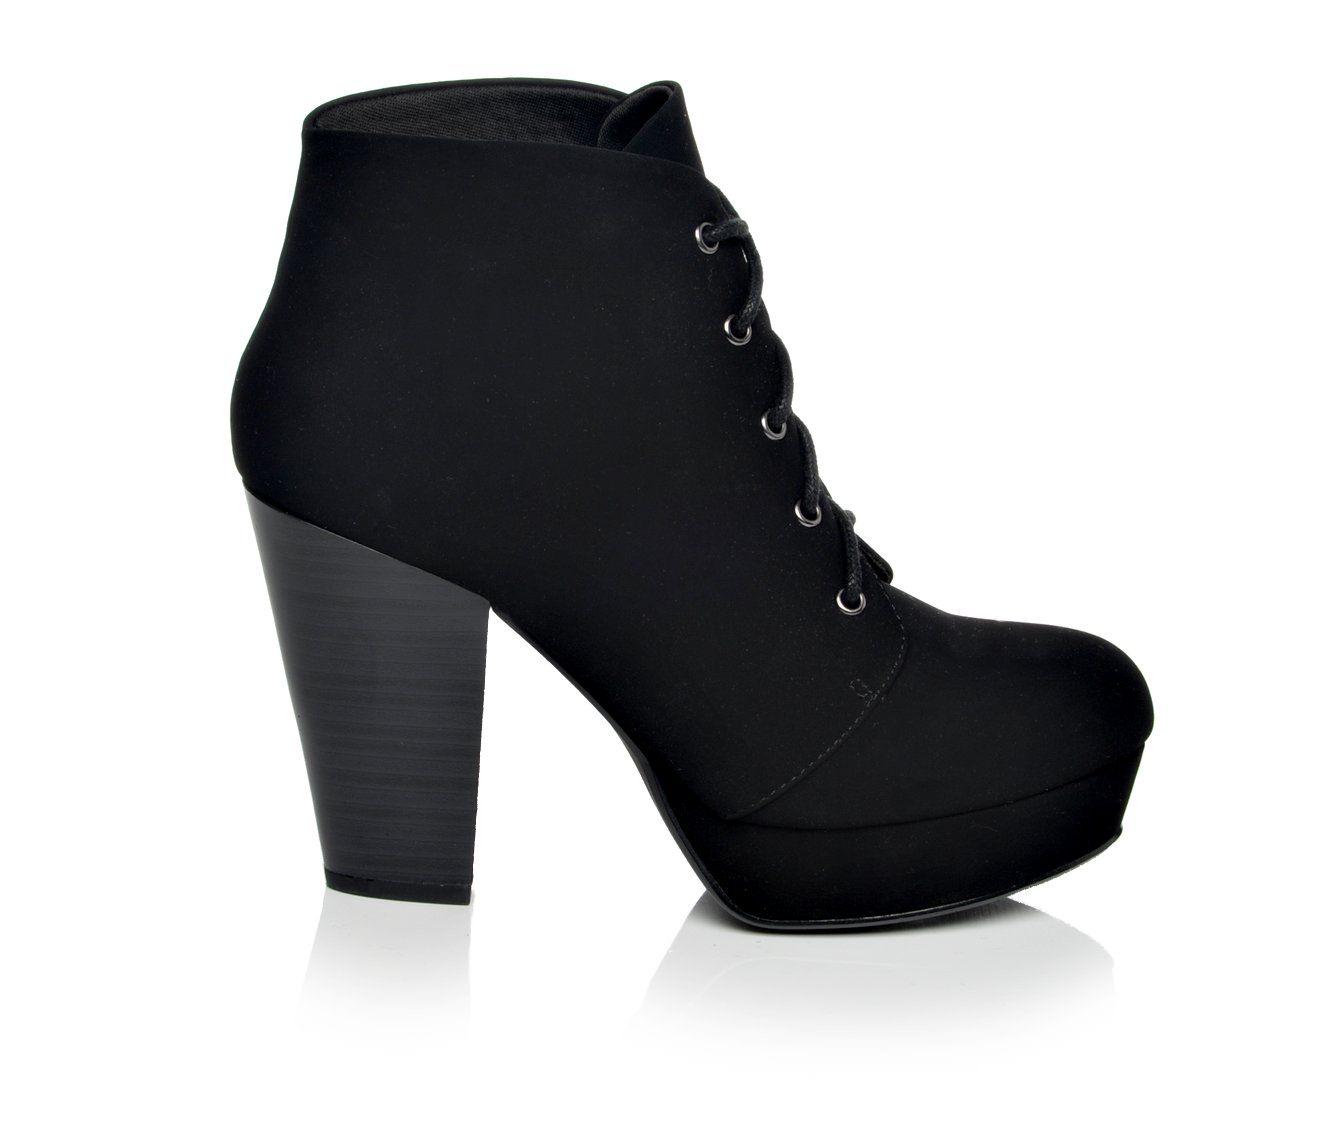 Y-Not Agenda Women's Dress Shoe (Black Faux Leather)